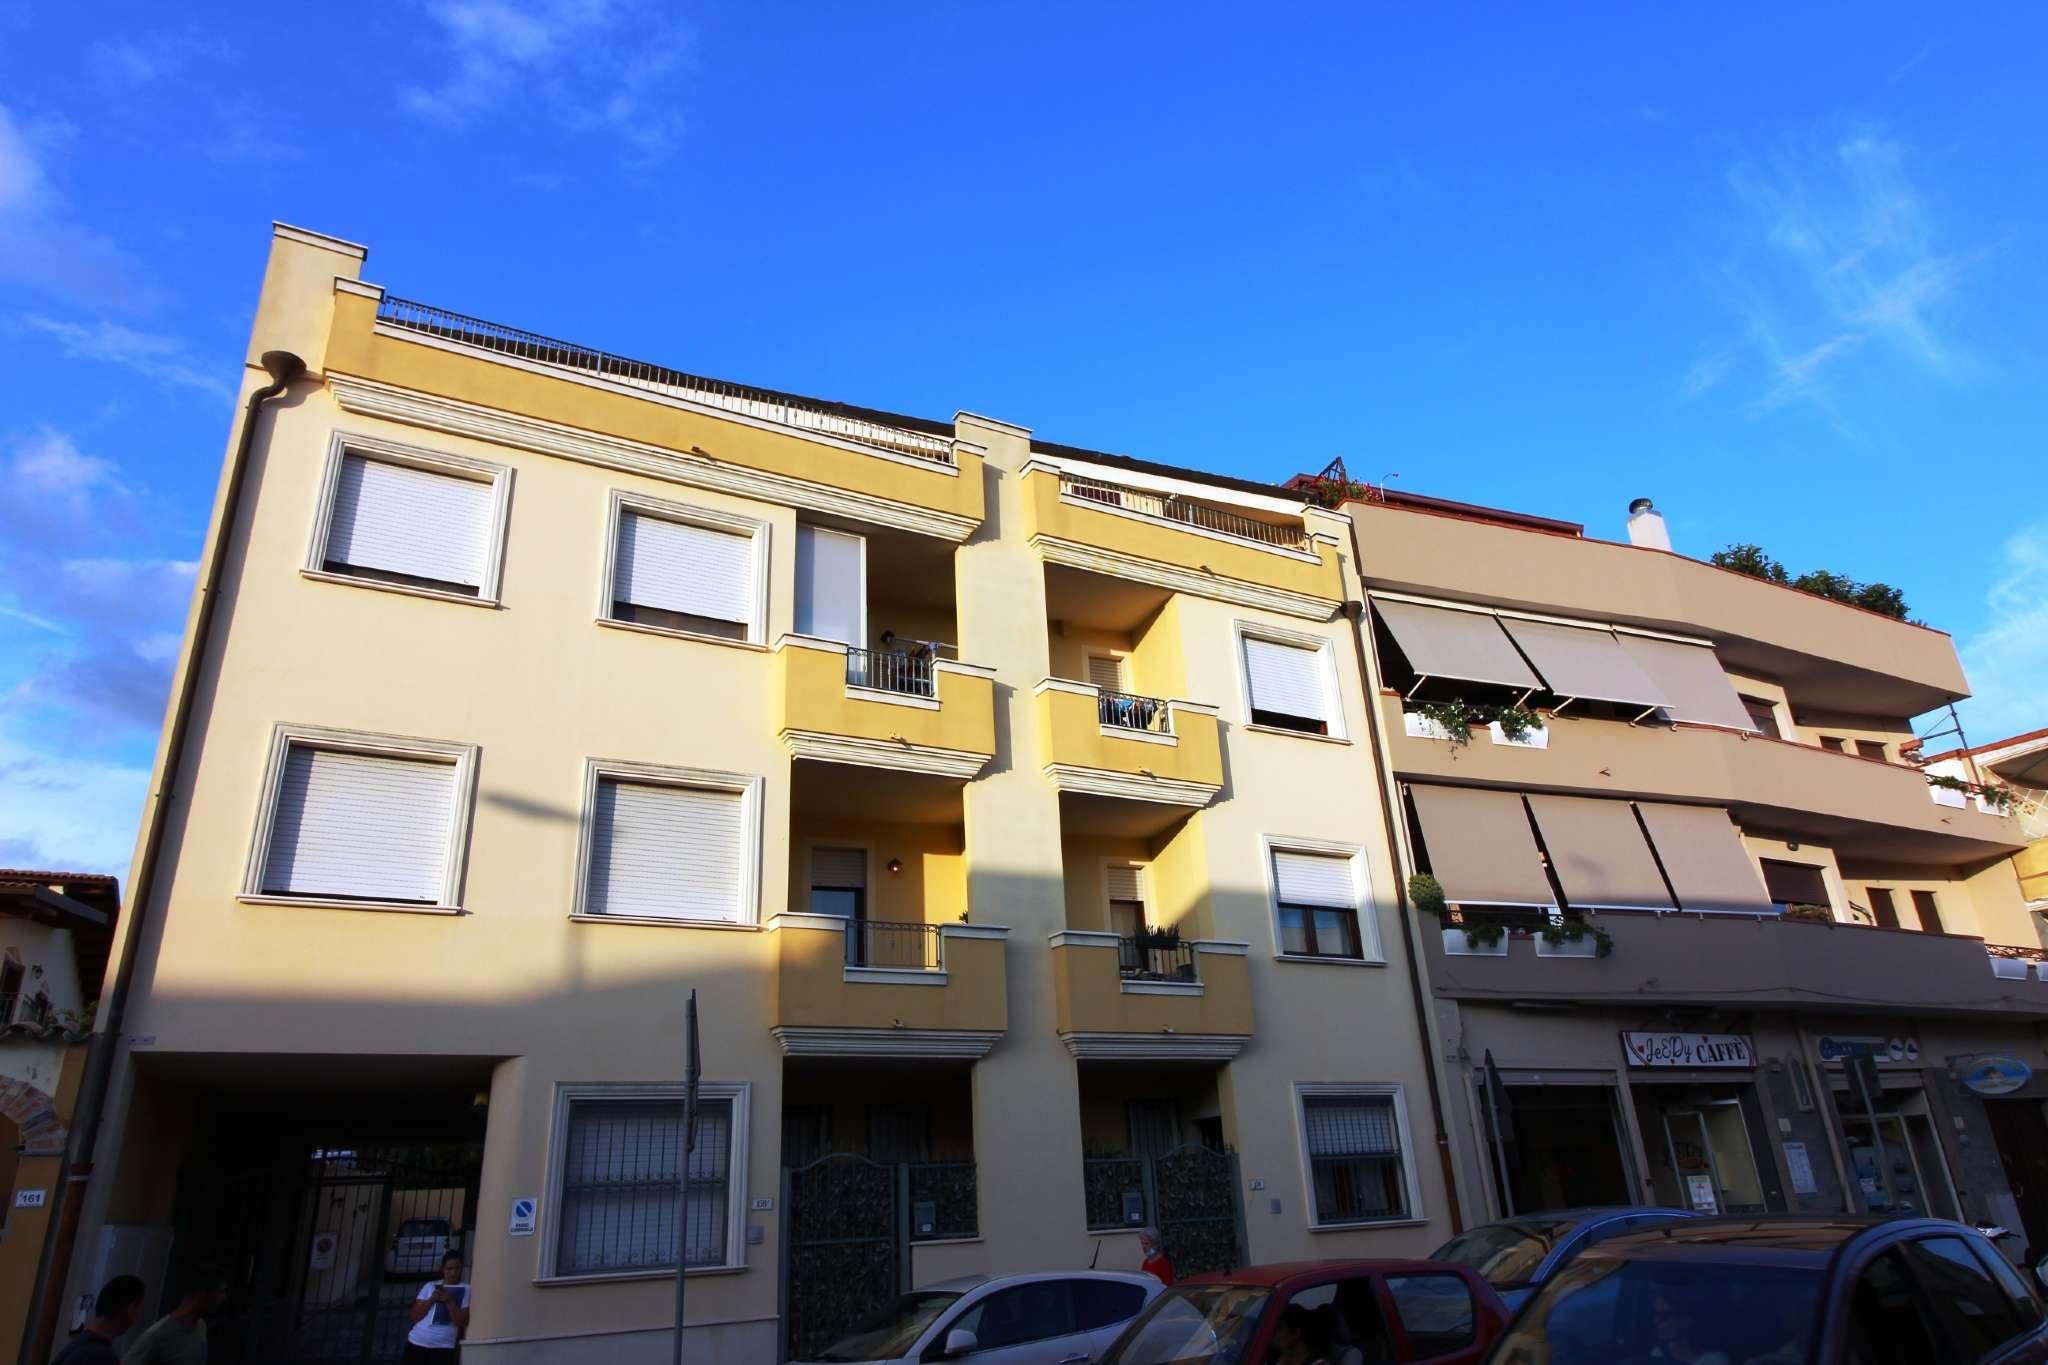 Appartamento in vendita a Elmas, 3 locali, prezzo € 150.000 | CambioCasa.it